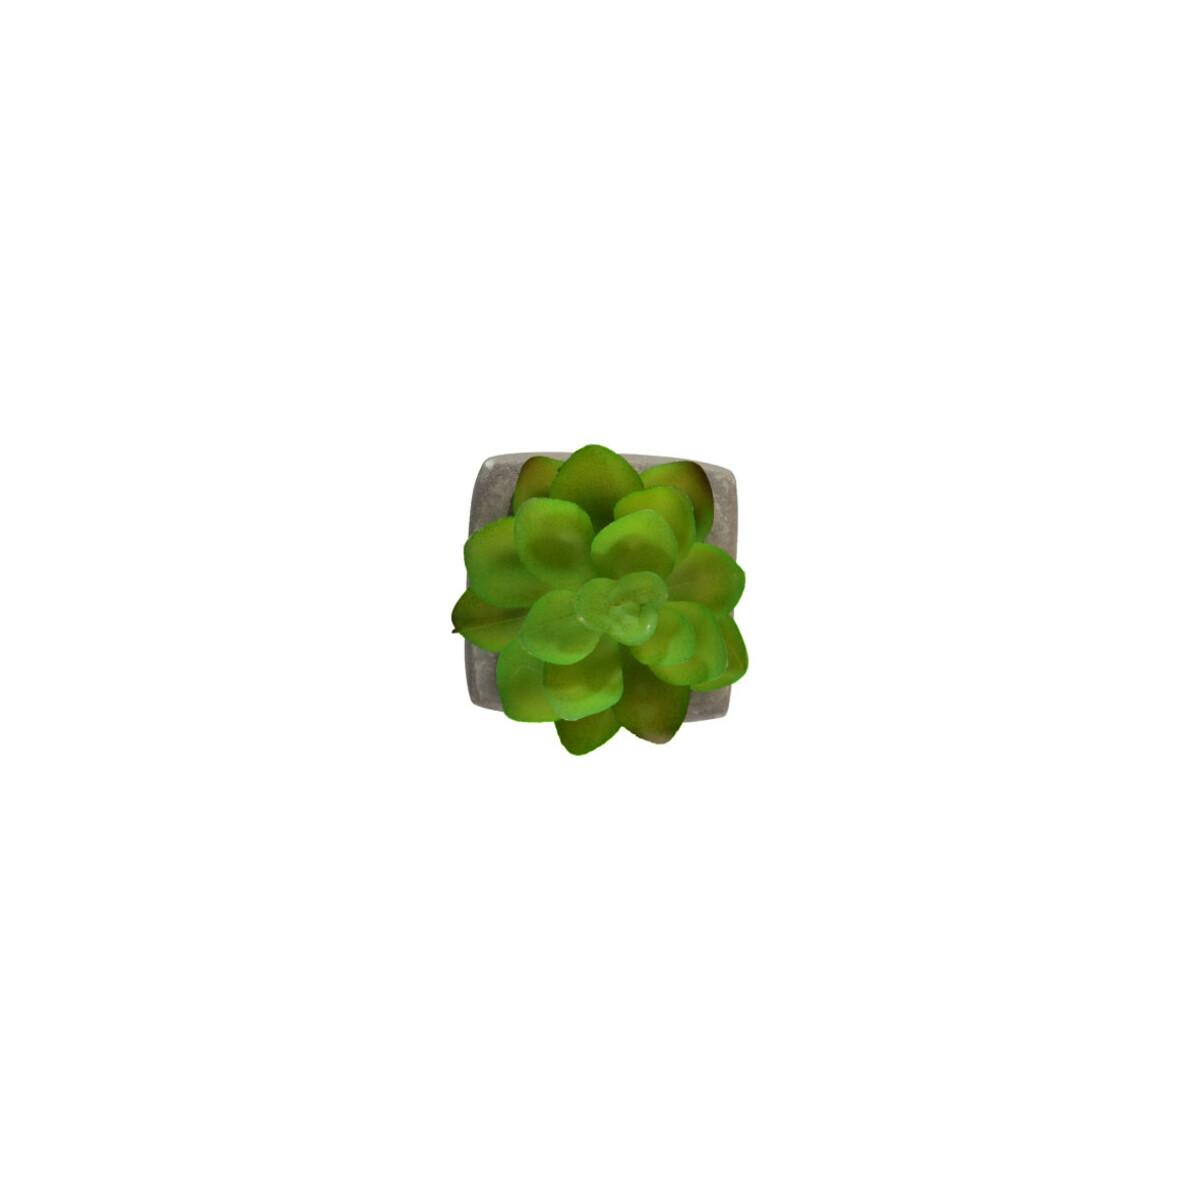 Bild 2 von Mini Fake Pflanze mit Topf 5x5x8cm